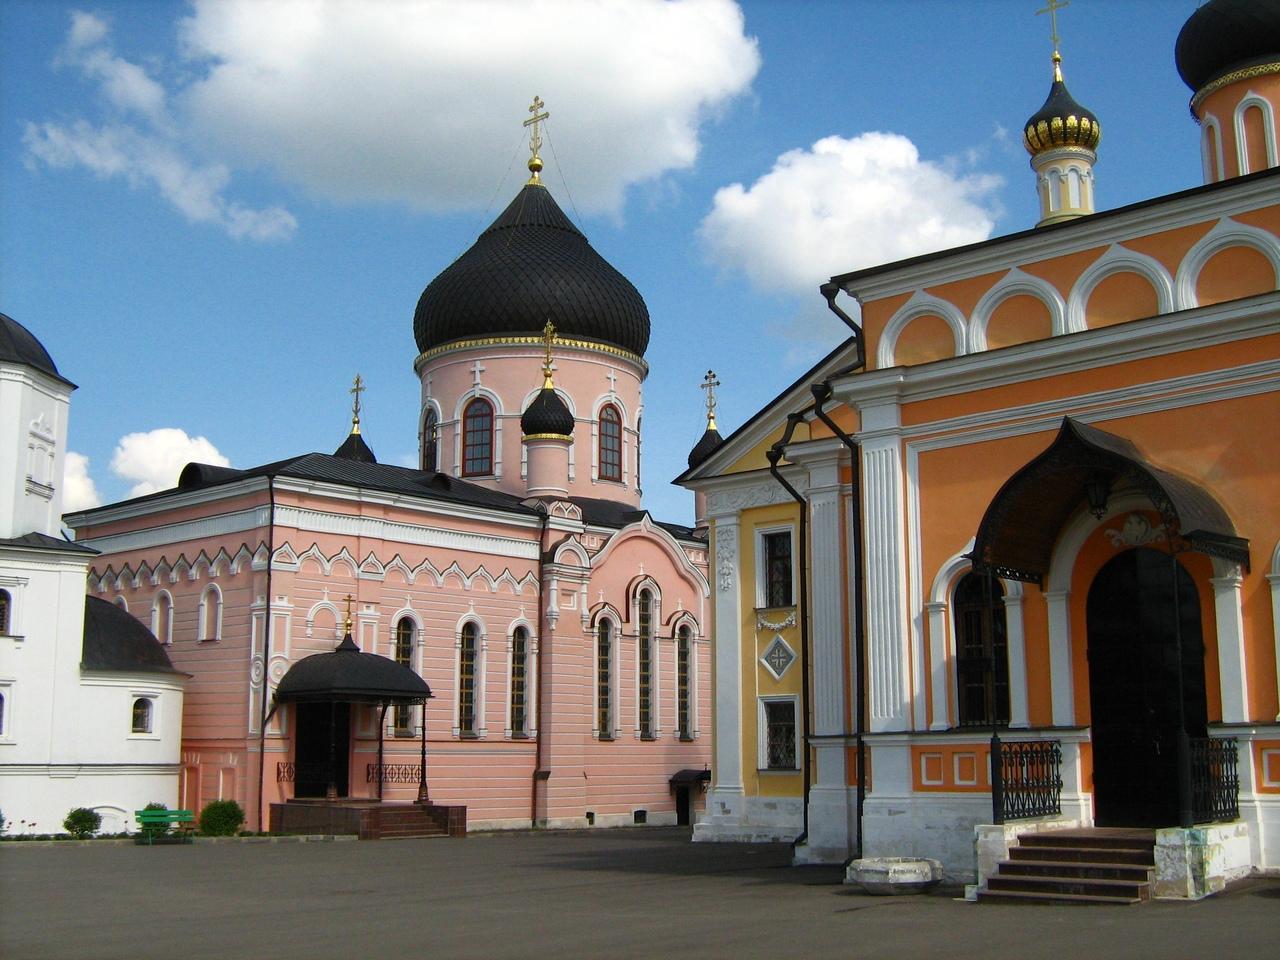 DbKC8I_gRjc Давидова пустынь монастырь в Подмосковье.